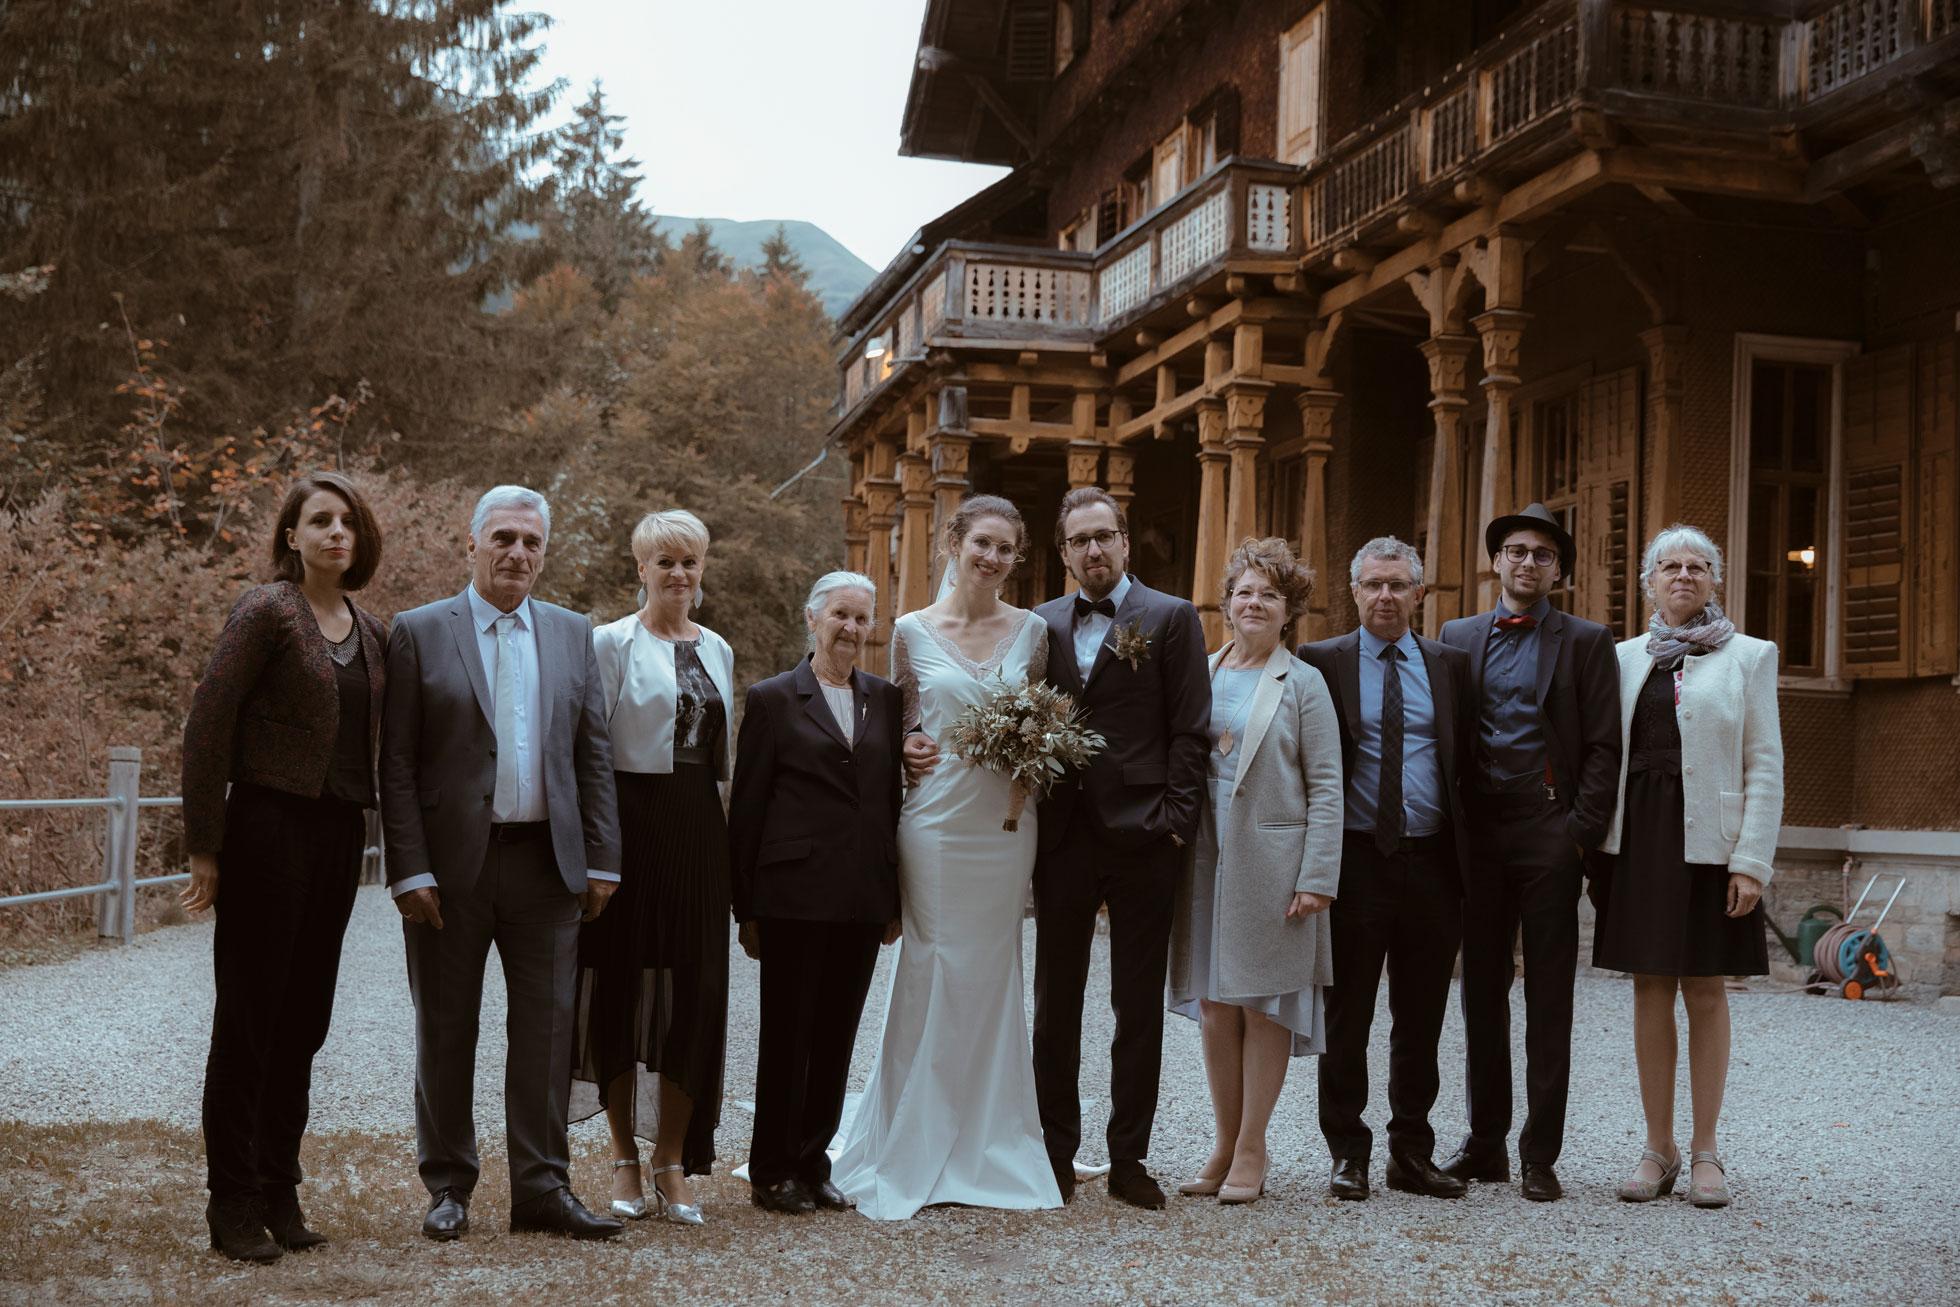 e20180922_claire_manuel_wedding_0715.jpg